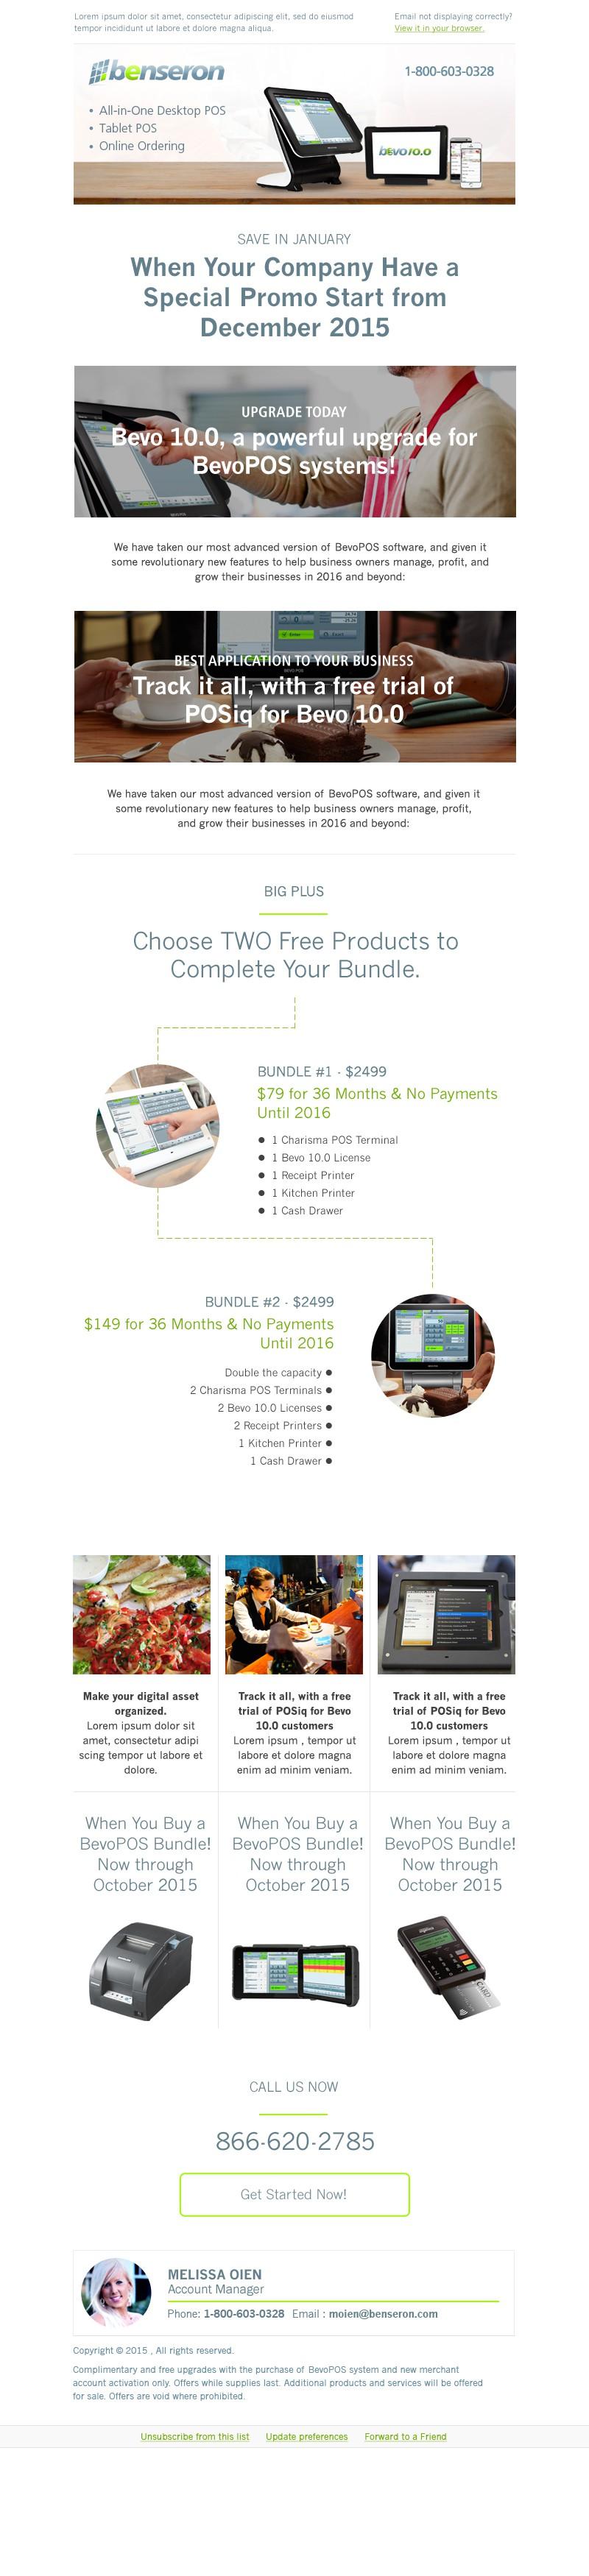 Email Templates to Match Benseron.com Website Design